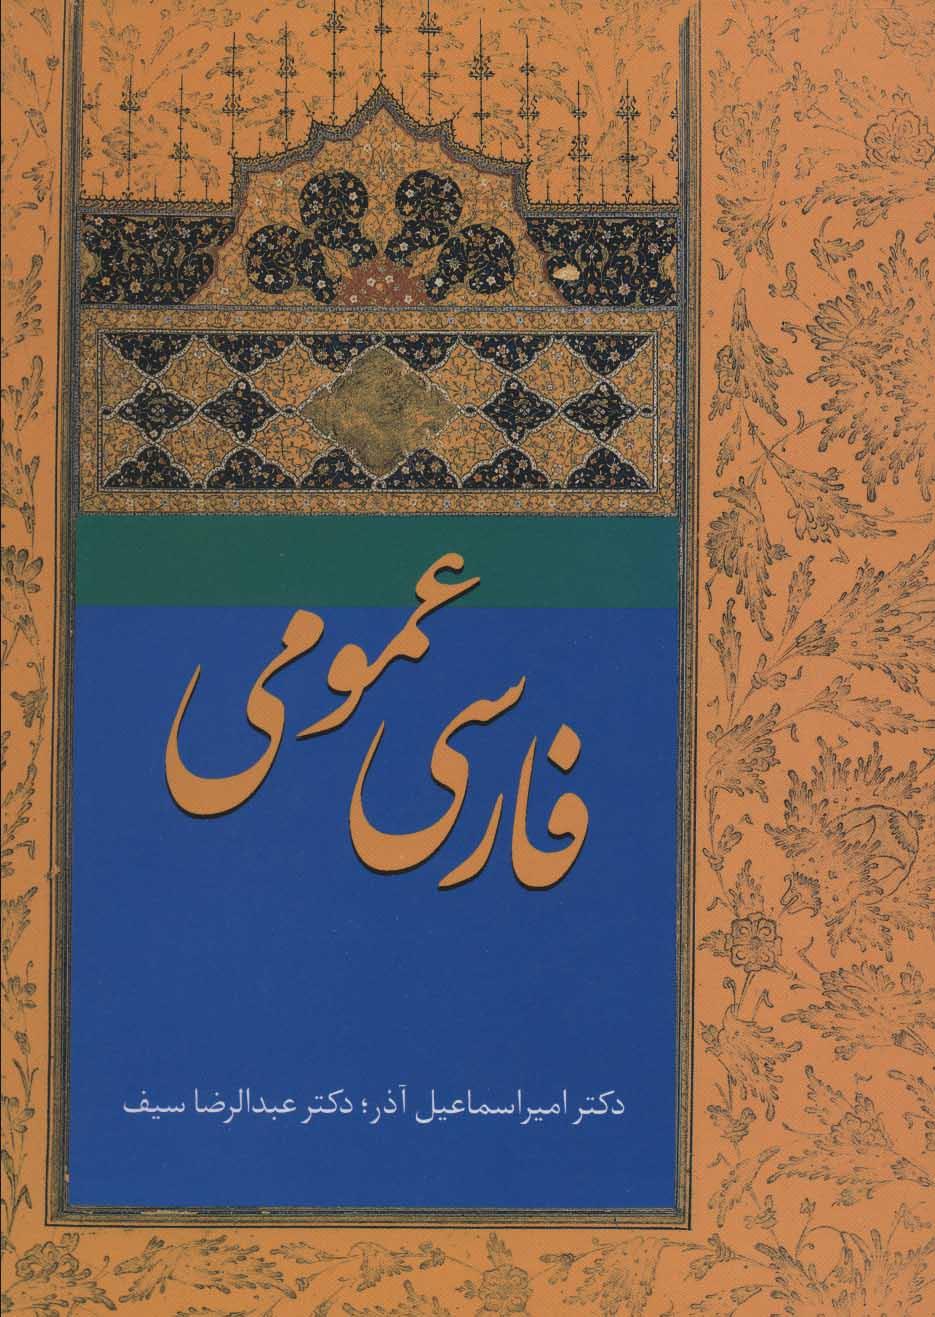 فارسی عمومی آذر